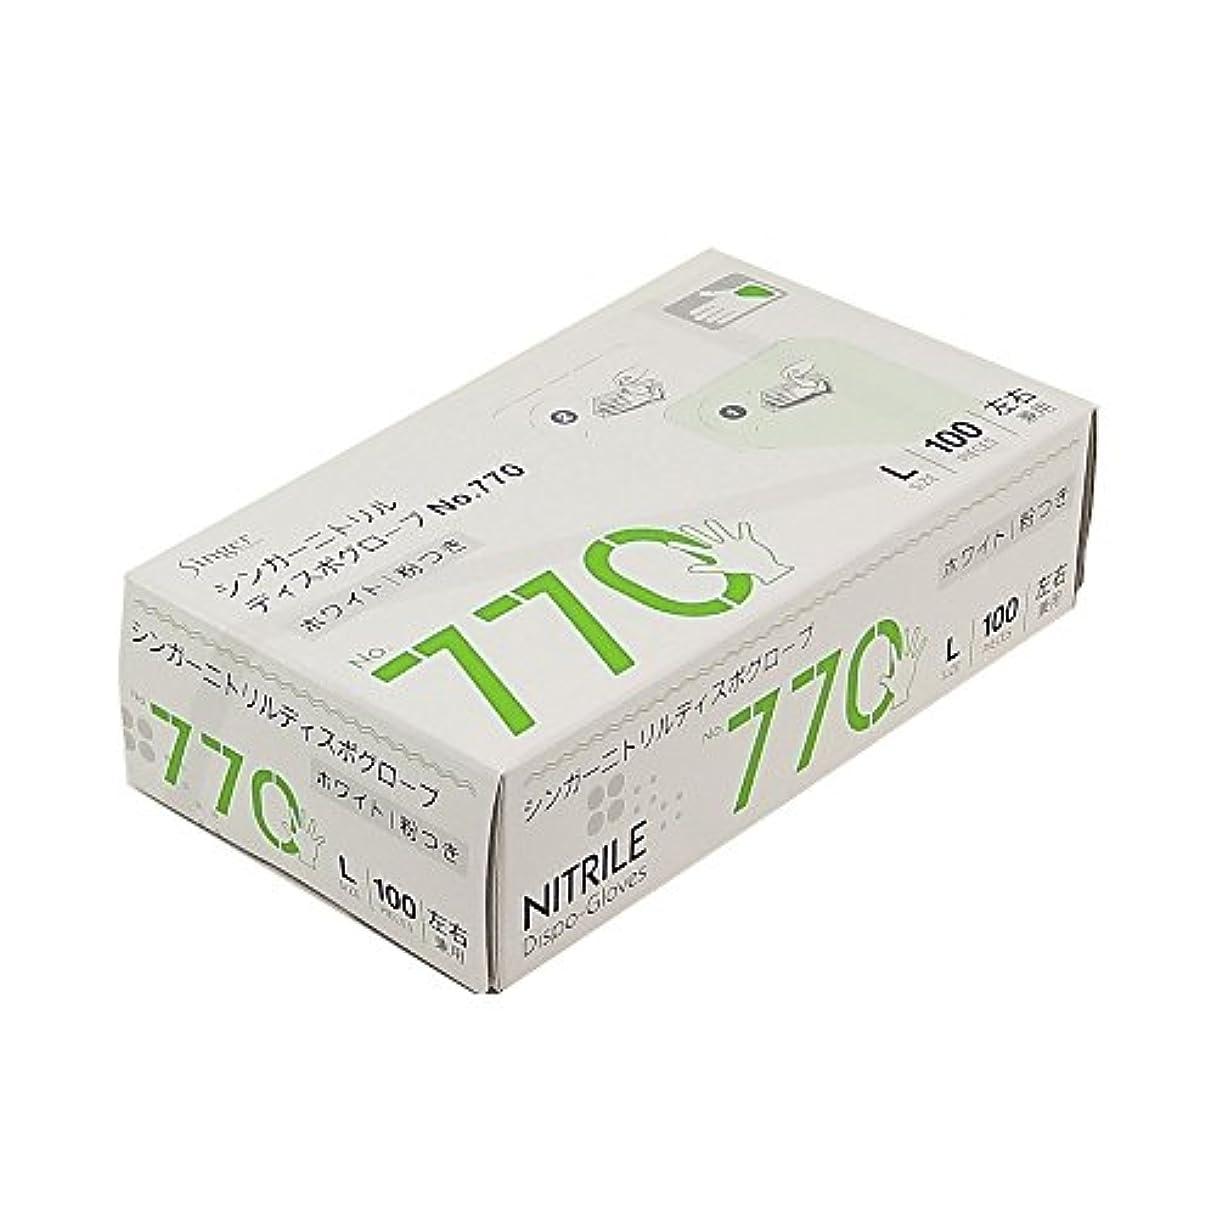 追跡追うなに宇都宮製作 ディスポ手袋 シンガーニトリルディスポグローブ No.770 ホワイト 粉付 100枚入  L